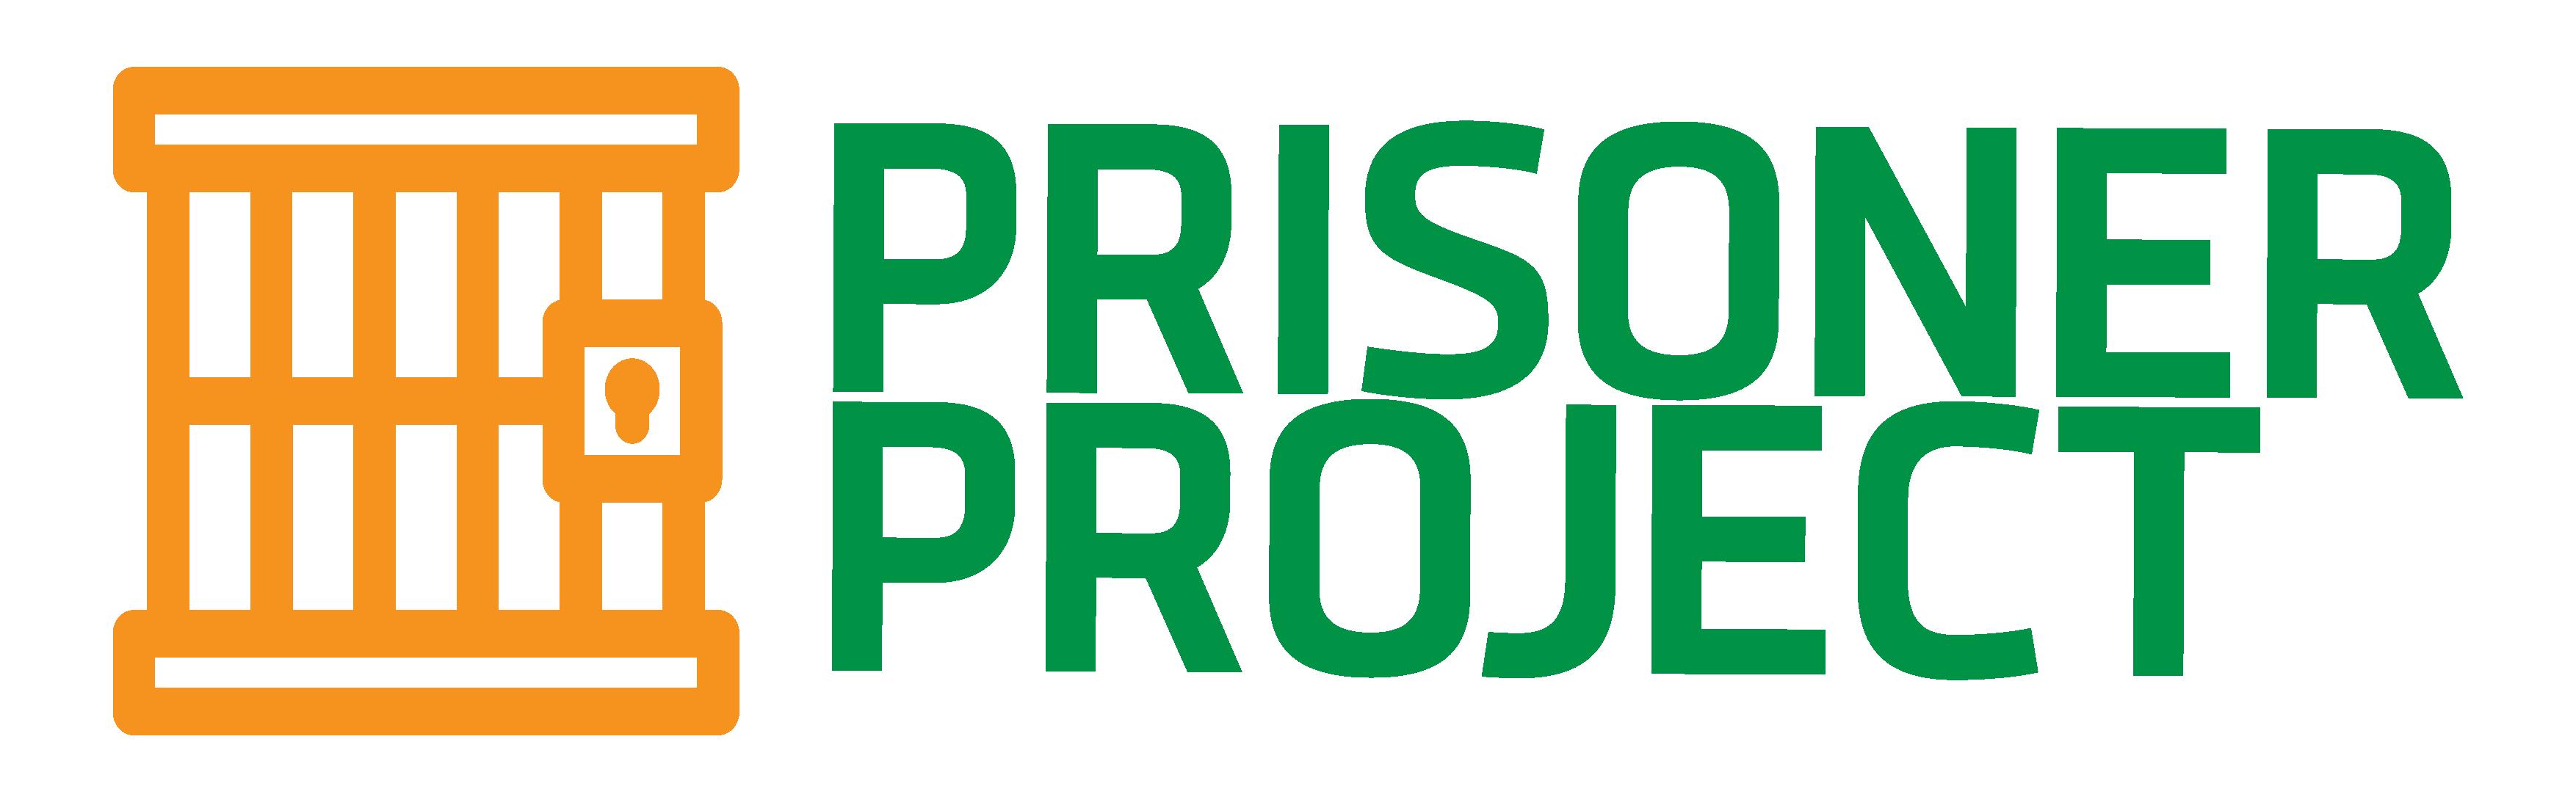 Prisoner-Project-logo